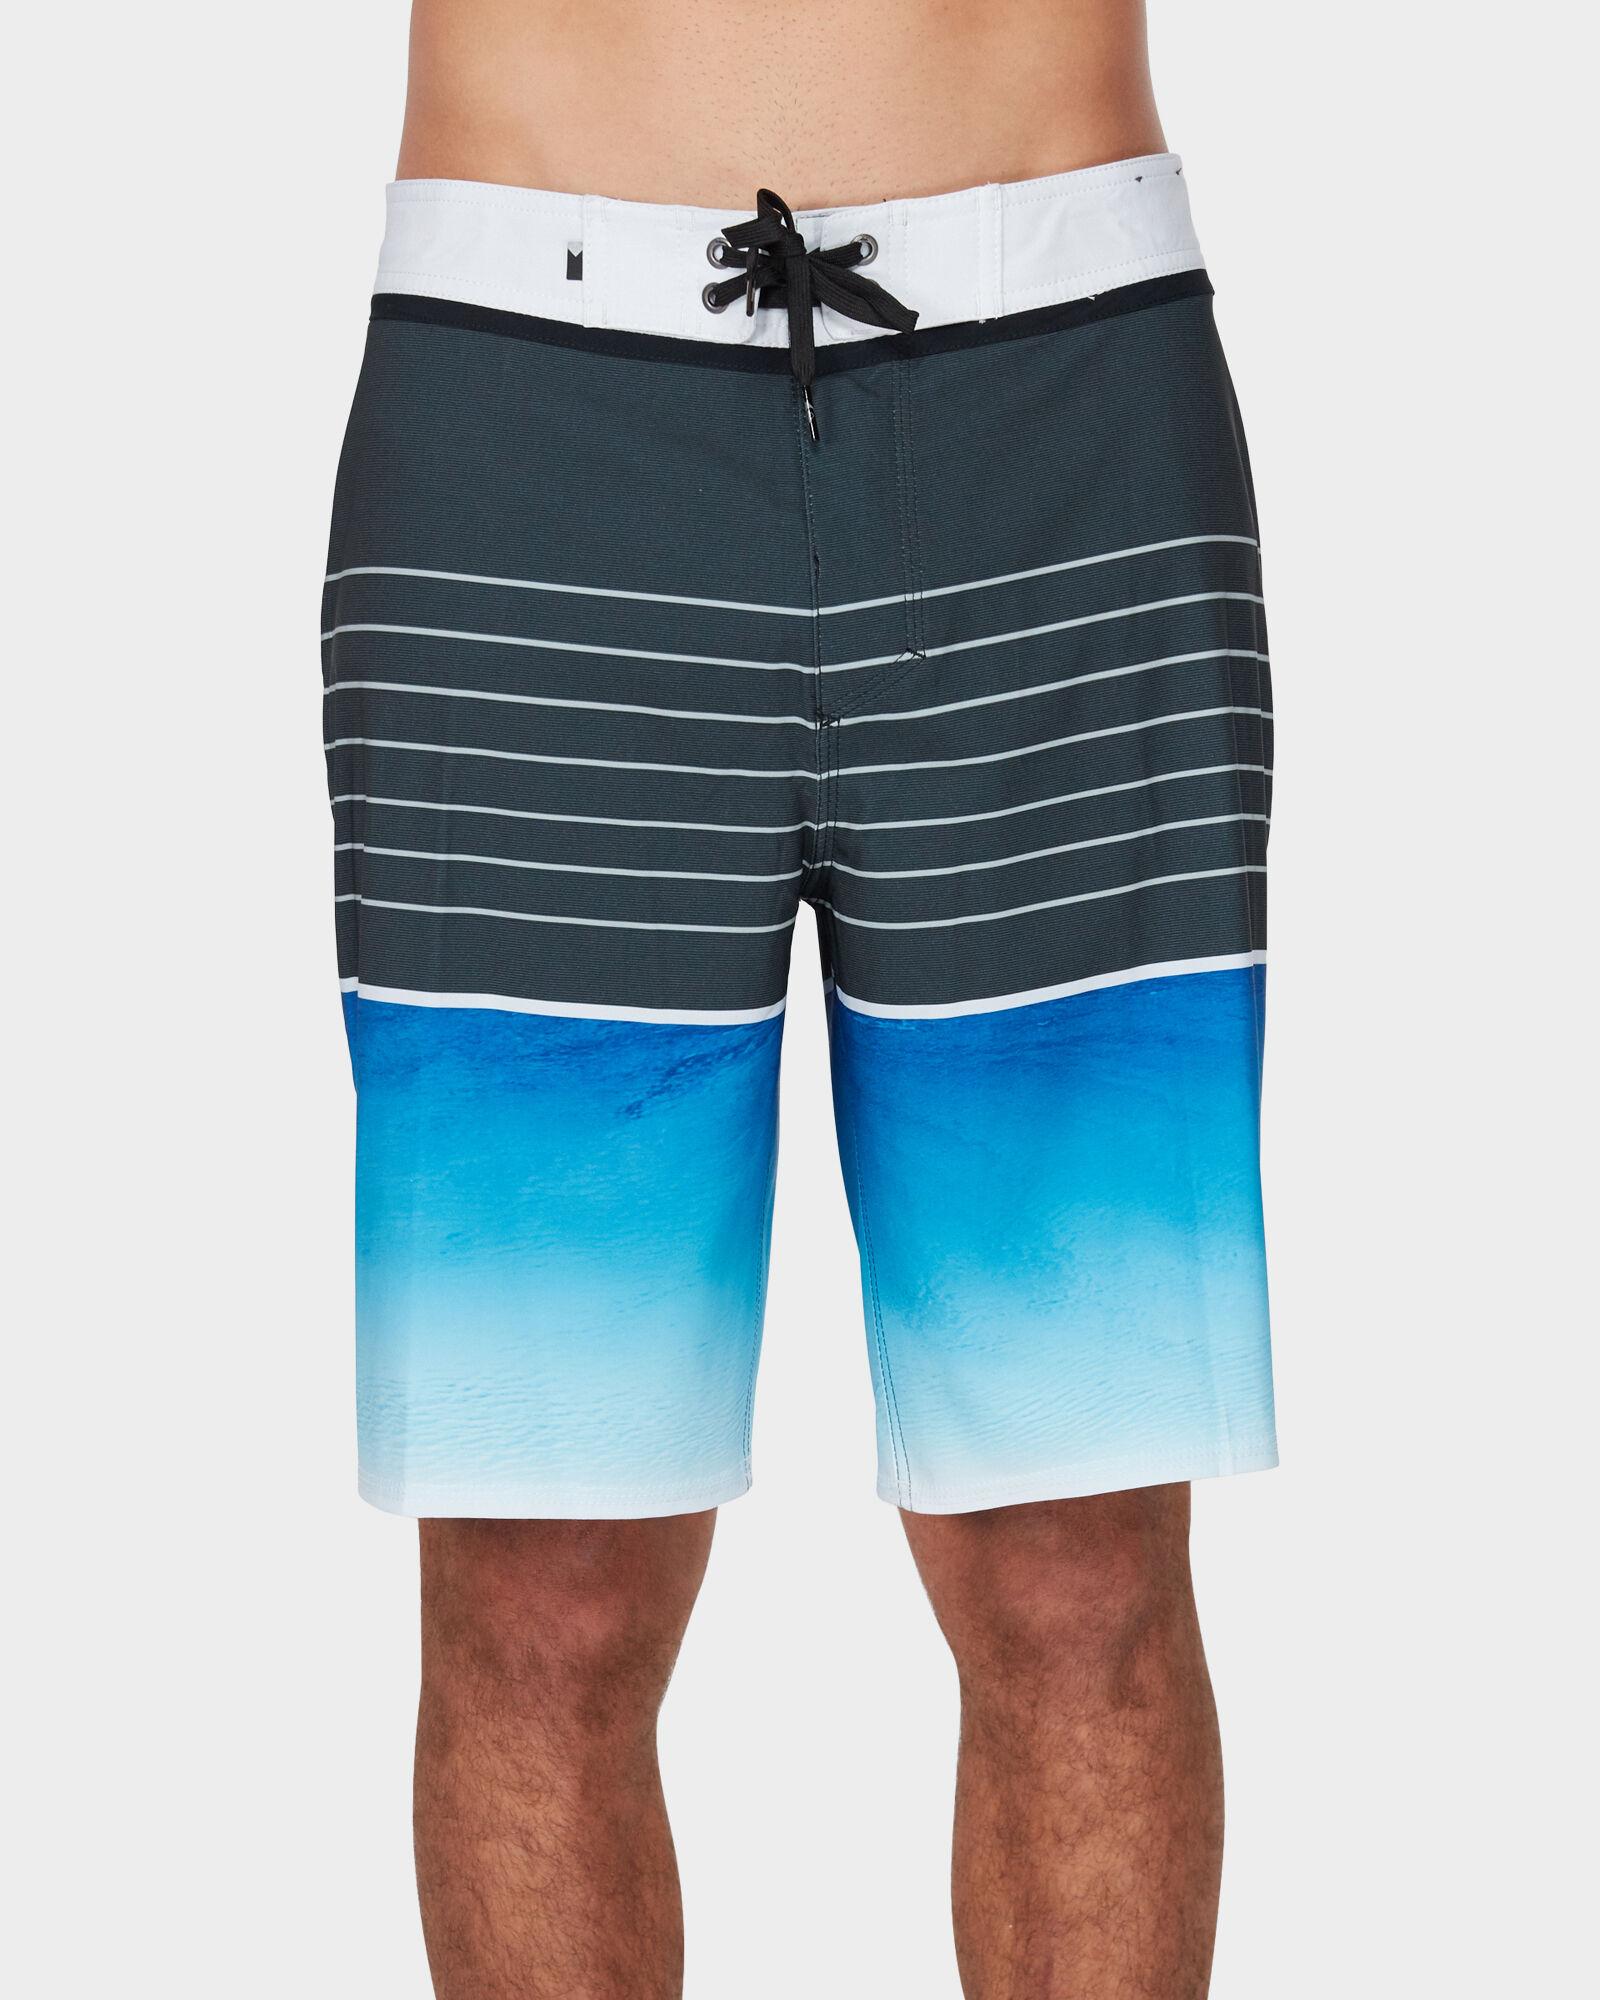 Blue GLASER CHECK STREET PANT   Surf, Dive 'N' Ski